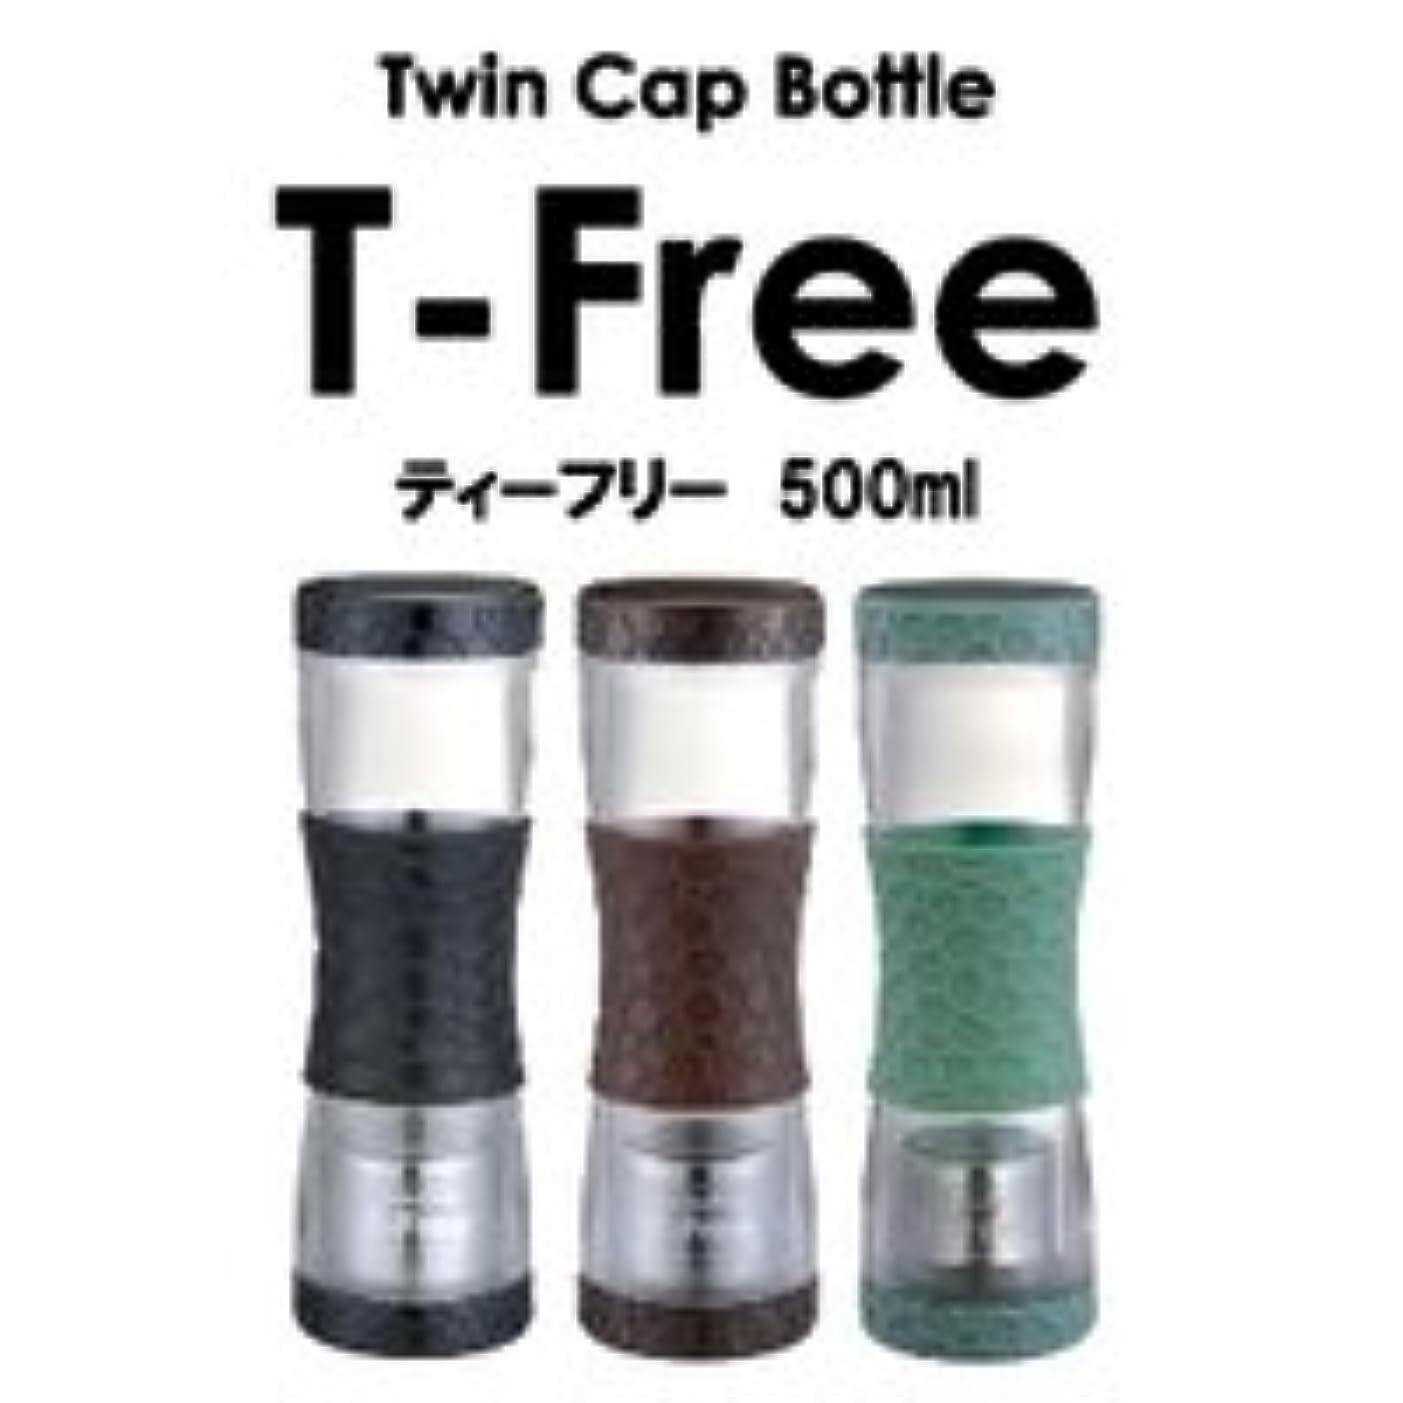 一月ワットたっぷりティーフリー500ml T-Free (カラー:グリーン) ※使い方自由なツインキャップボトル